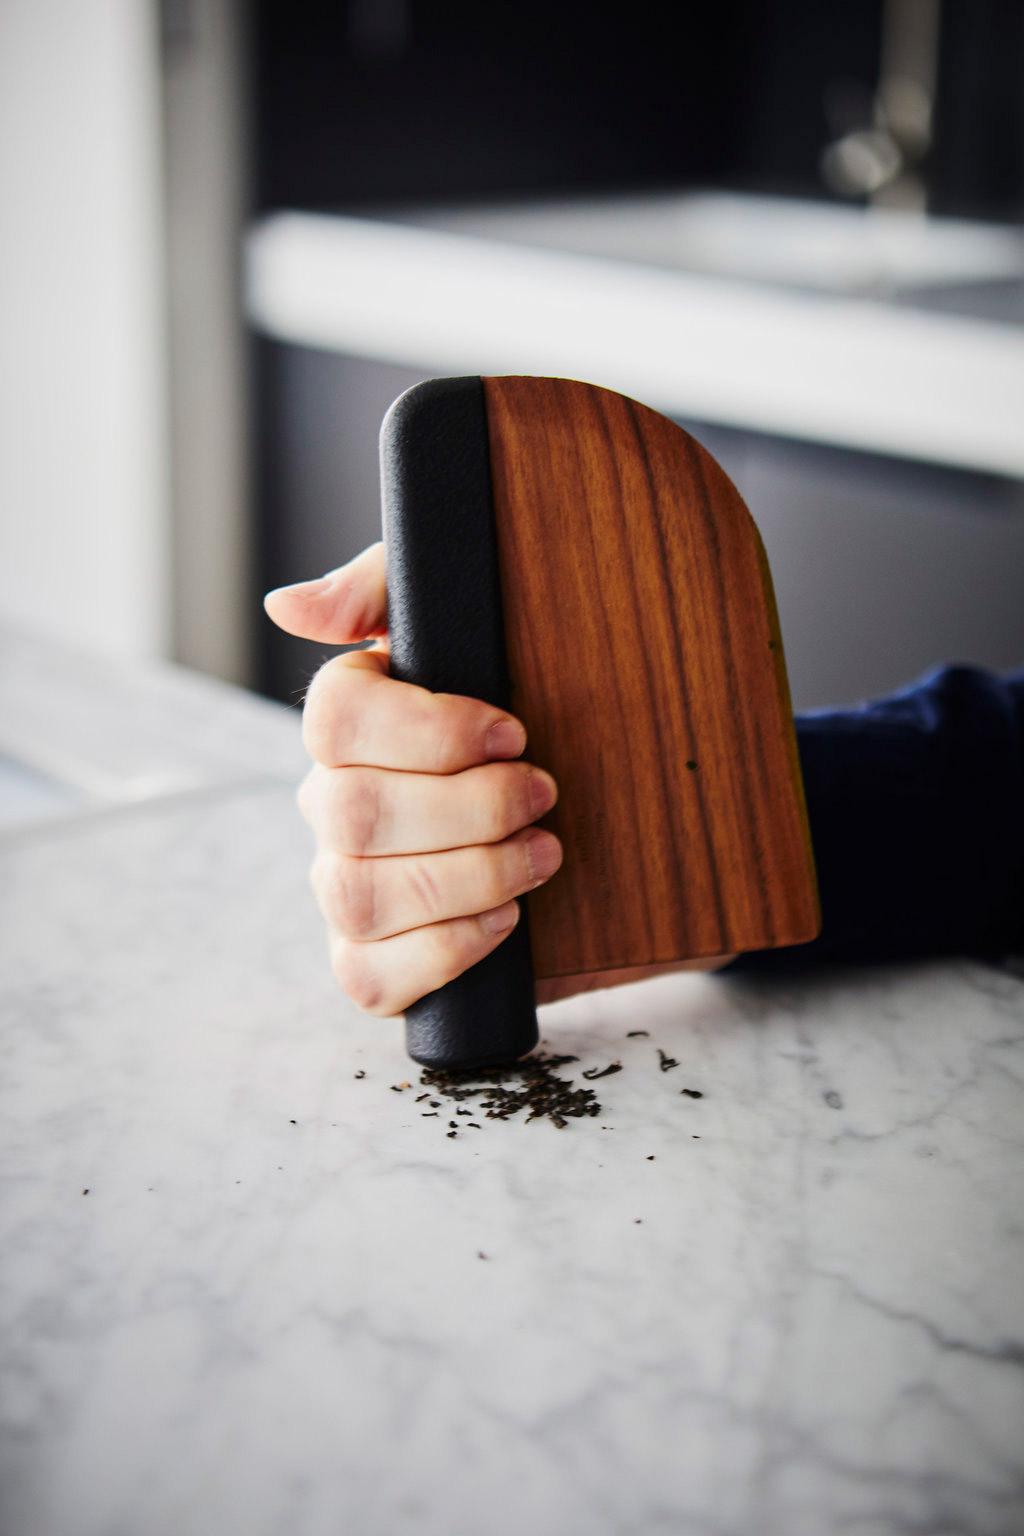 ChifenCheng-Milan-Knife-5.jpg